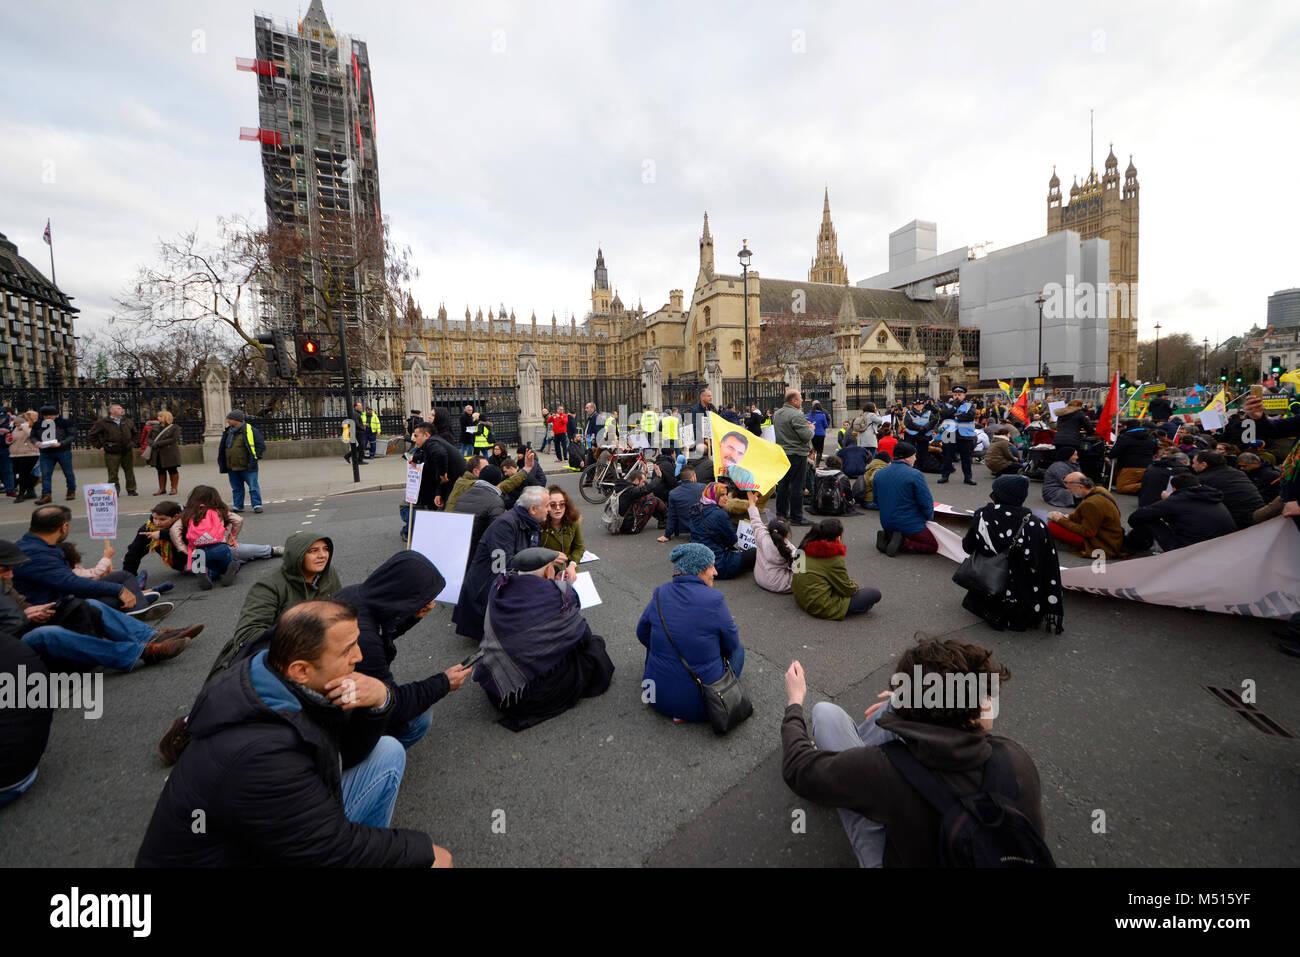 Asseyez-vous protester contre le Parlement. Manifestation contre les allégations de crimes de guerre turc à Photo Stock